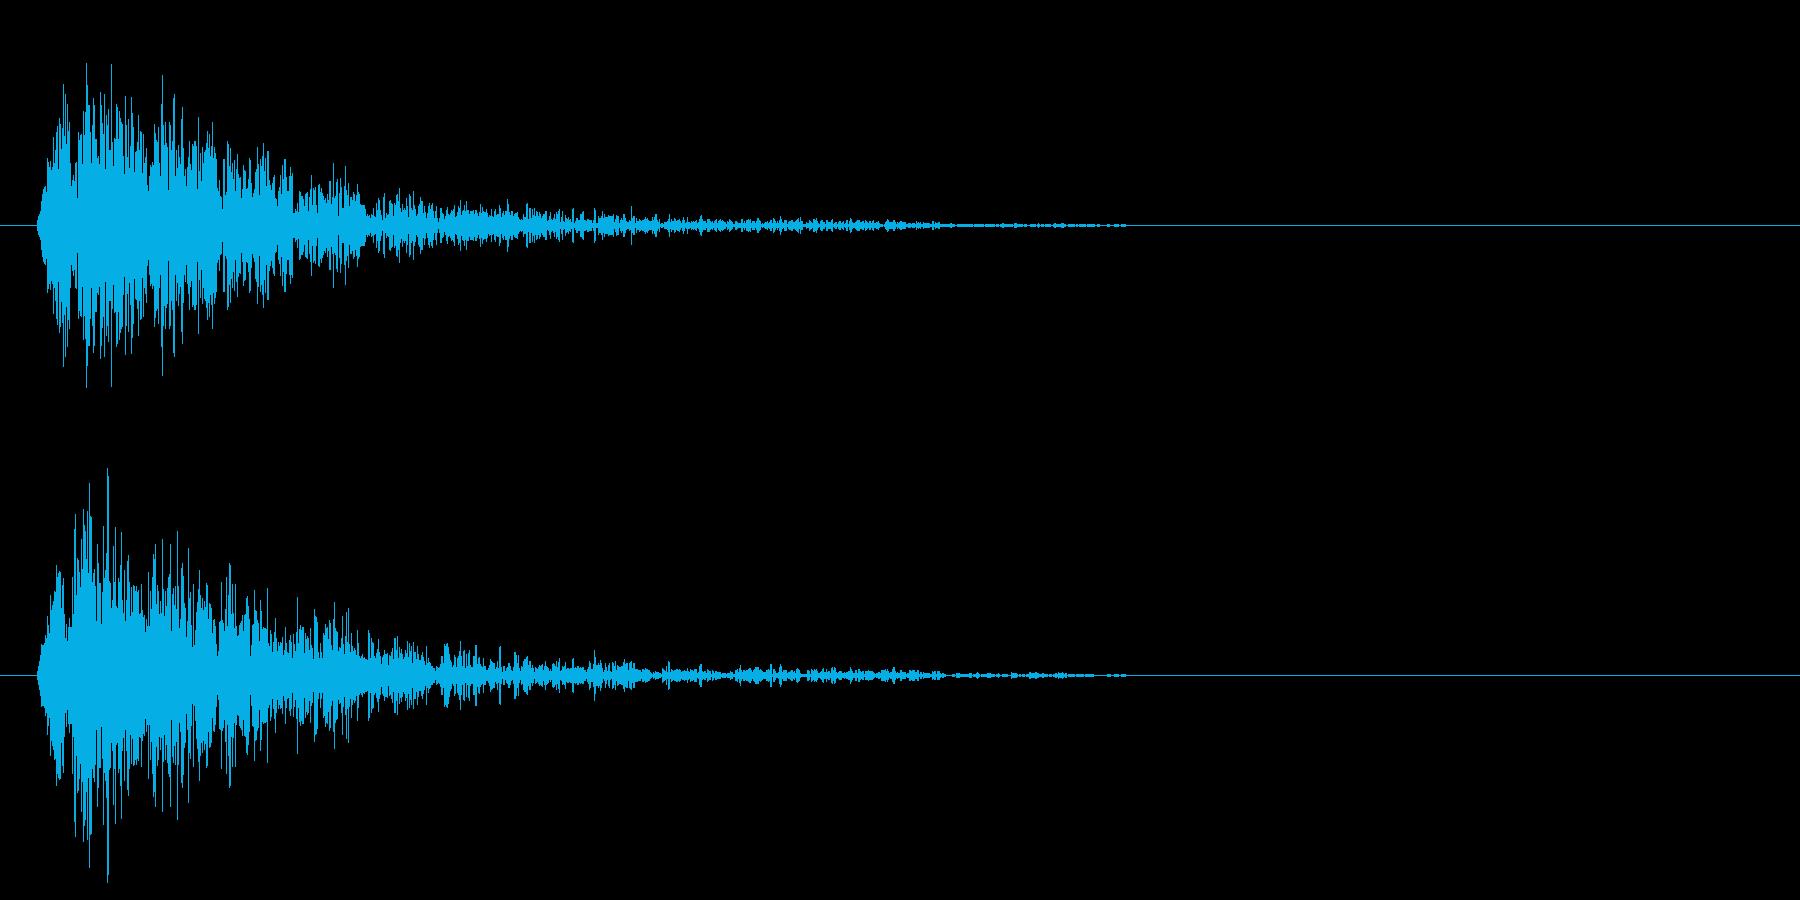 プピャウピャウピャウ(衝撃波)の再生済みの波形